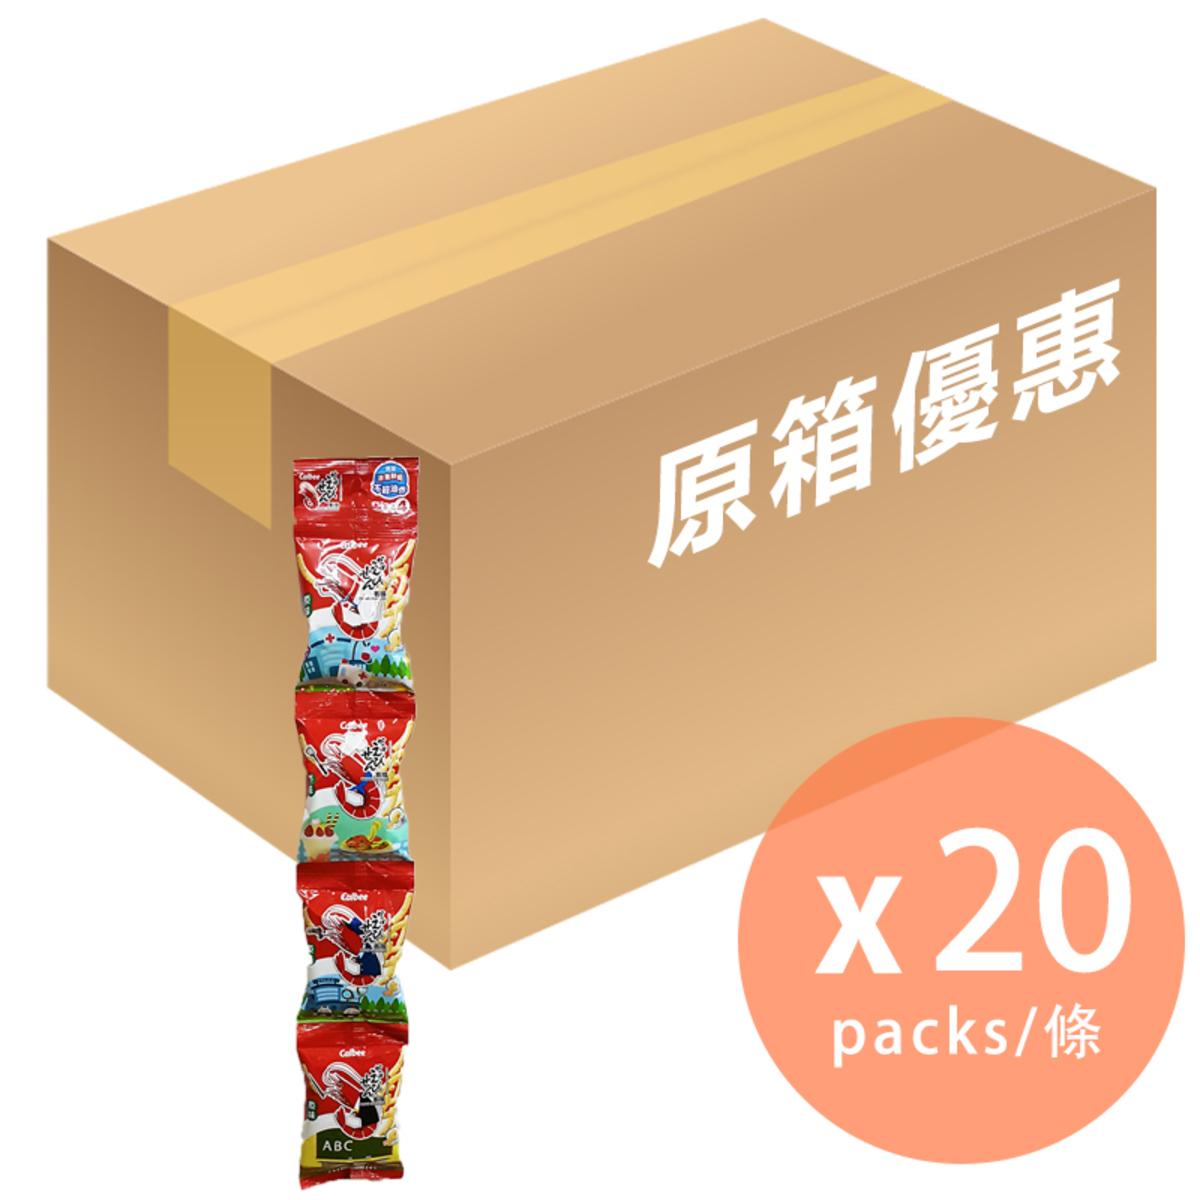 [Full Case]Prawn Stick (4packs) 56g x 20 (4892294102166_20)